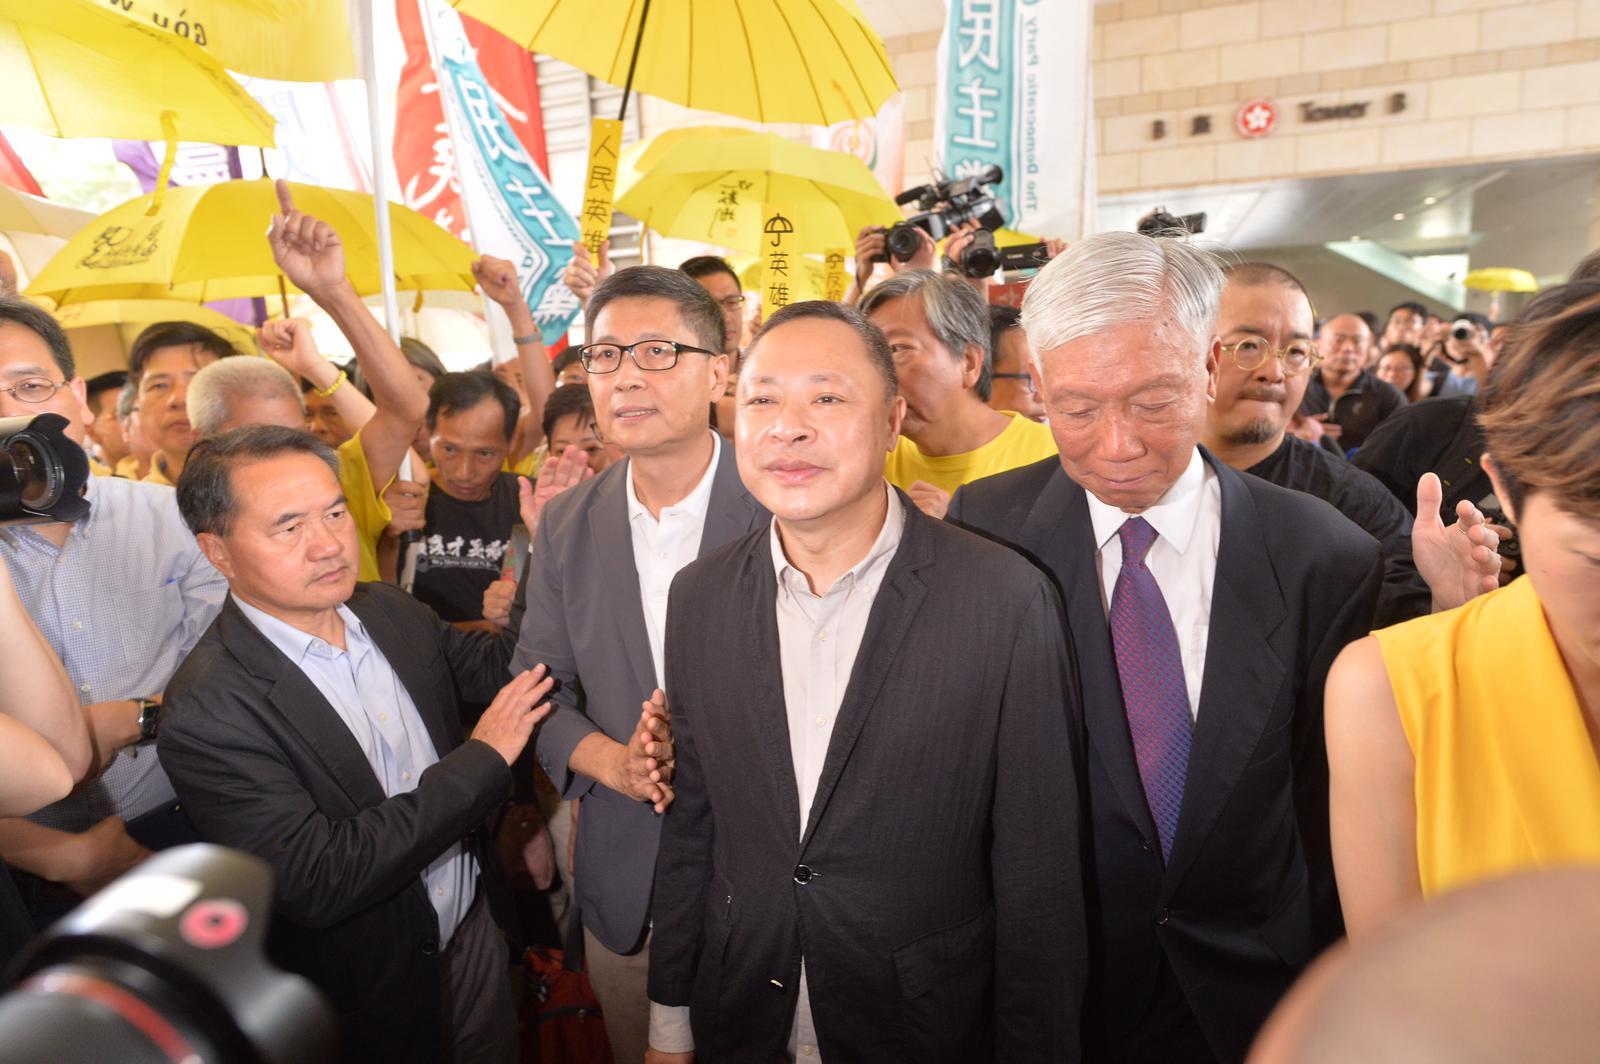 佔中案判刑,戴耀廷、陳健民判即時監禁16個月,同樣罪成的朱耀明(右)獲判緩刑兩年。